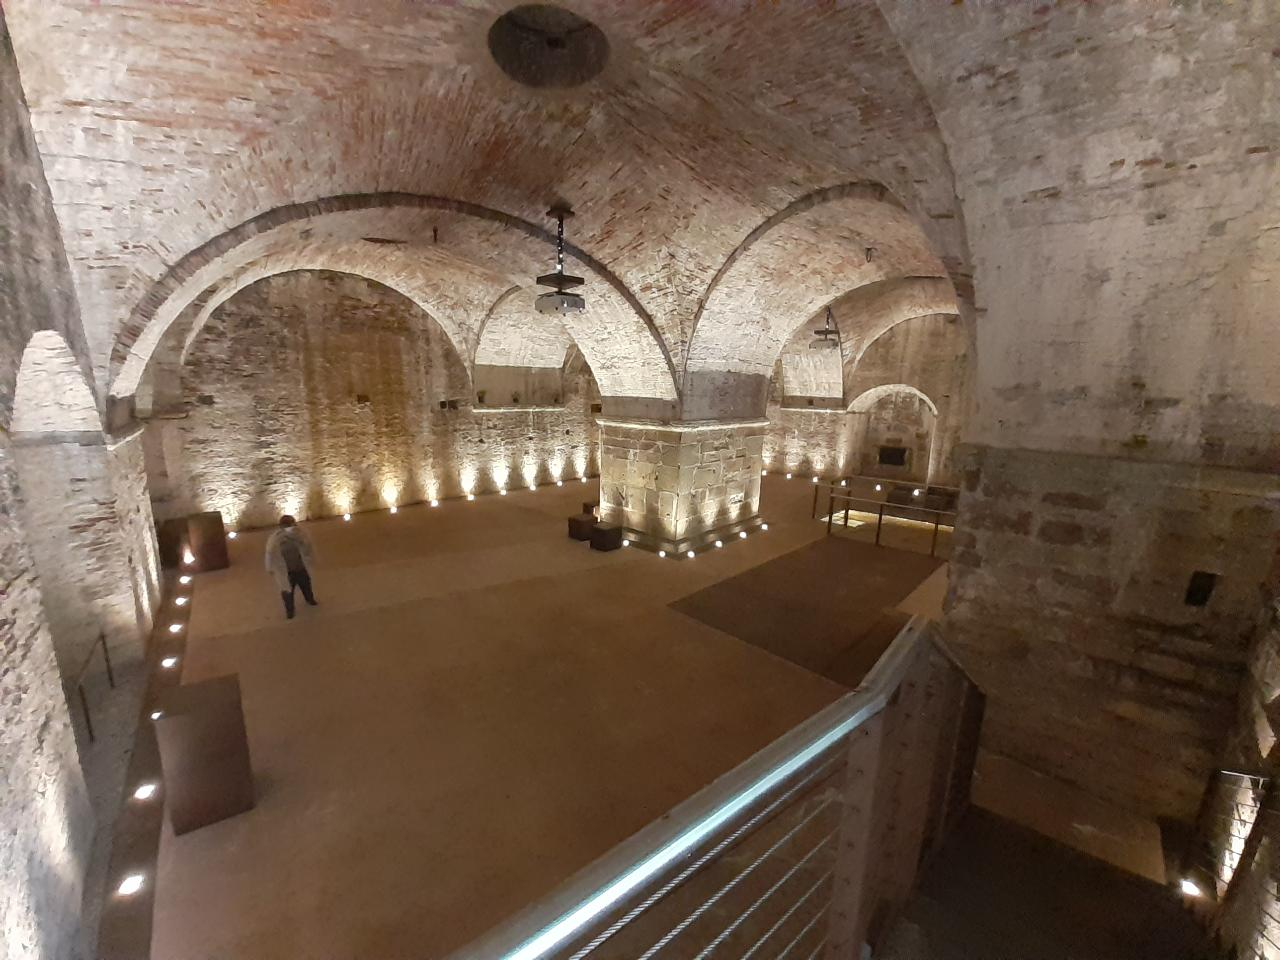 Visita il complesso museale della Casa del Boia a Lucca!